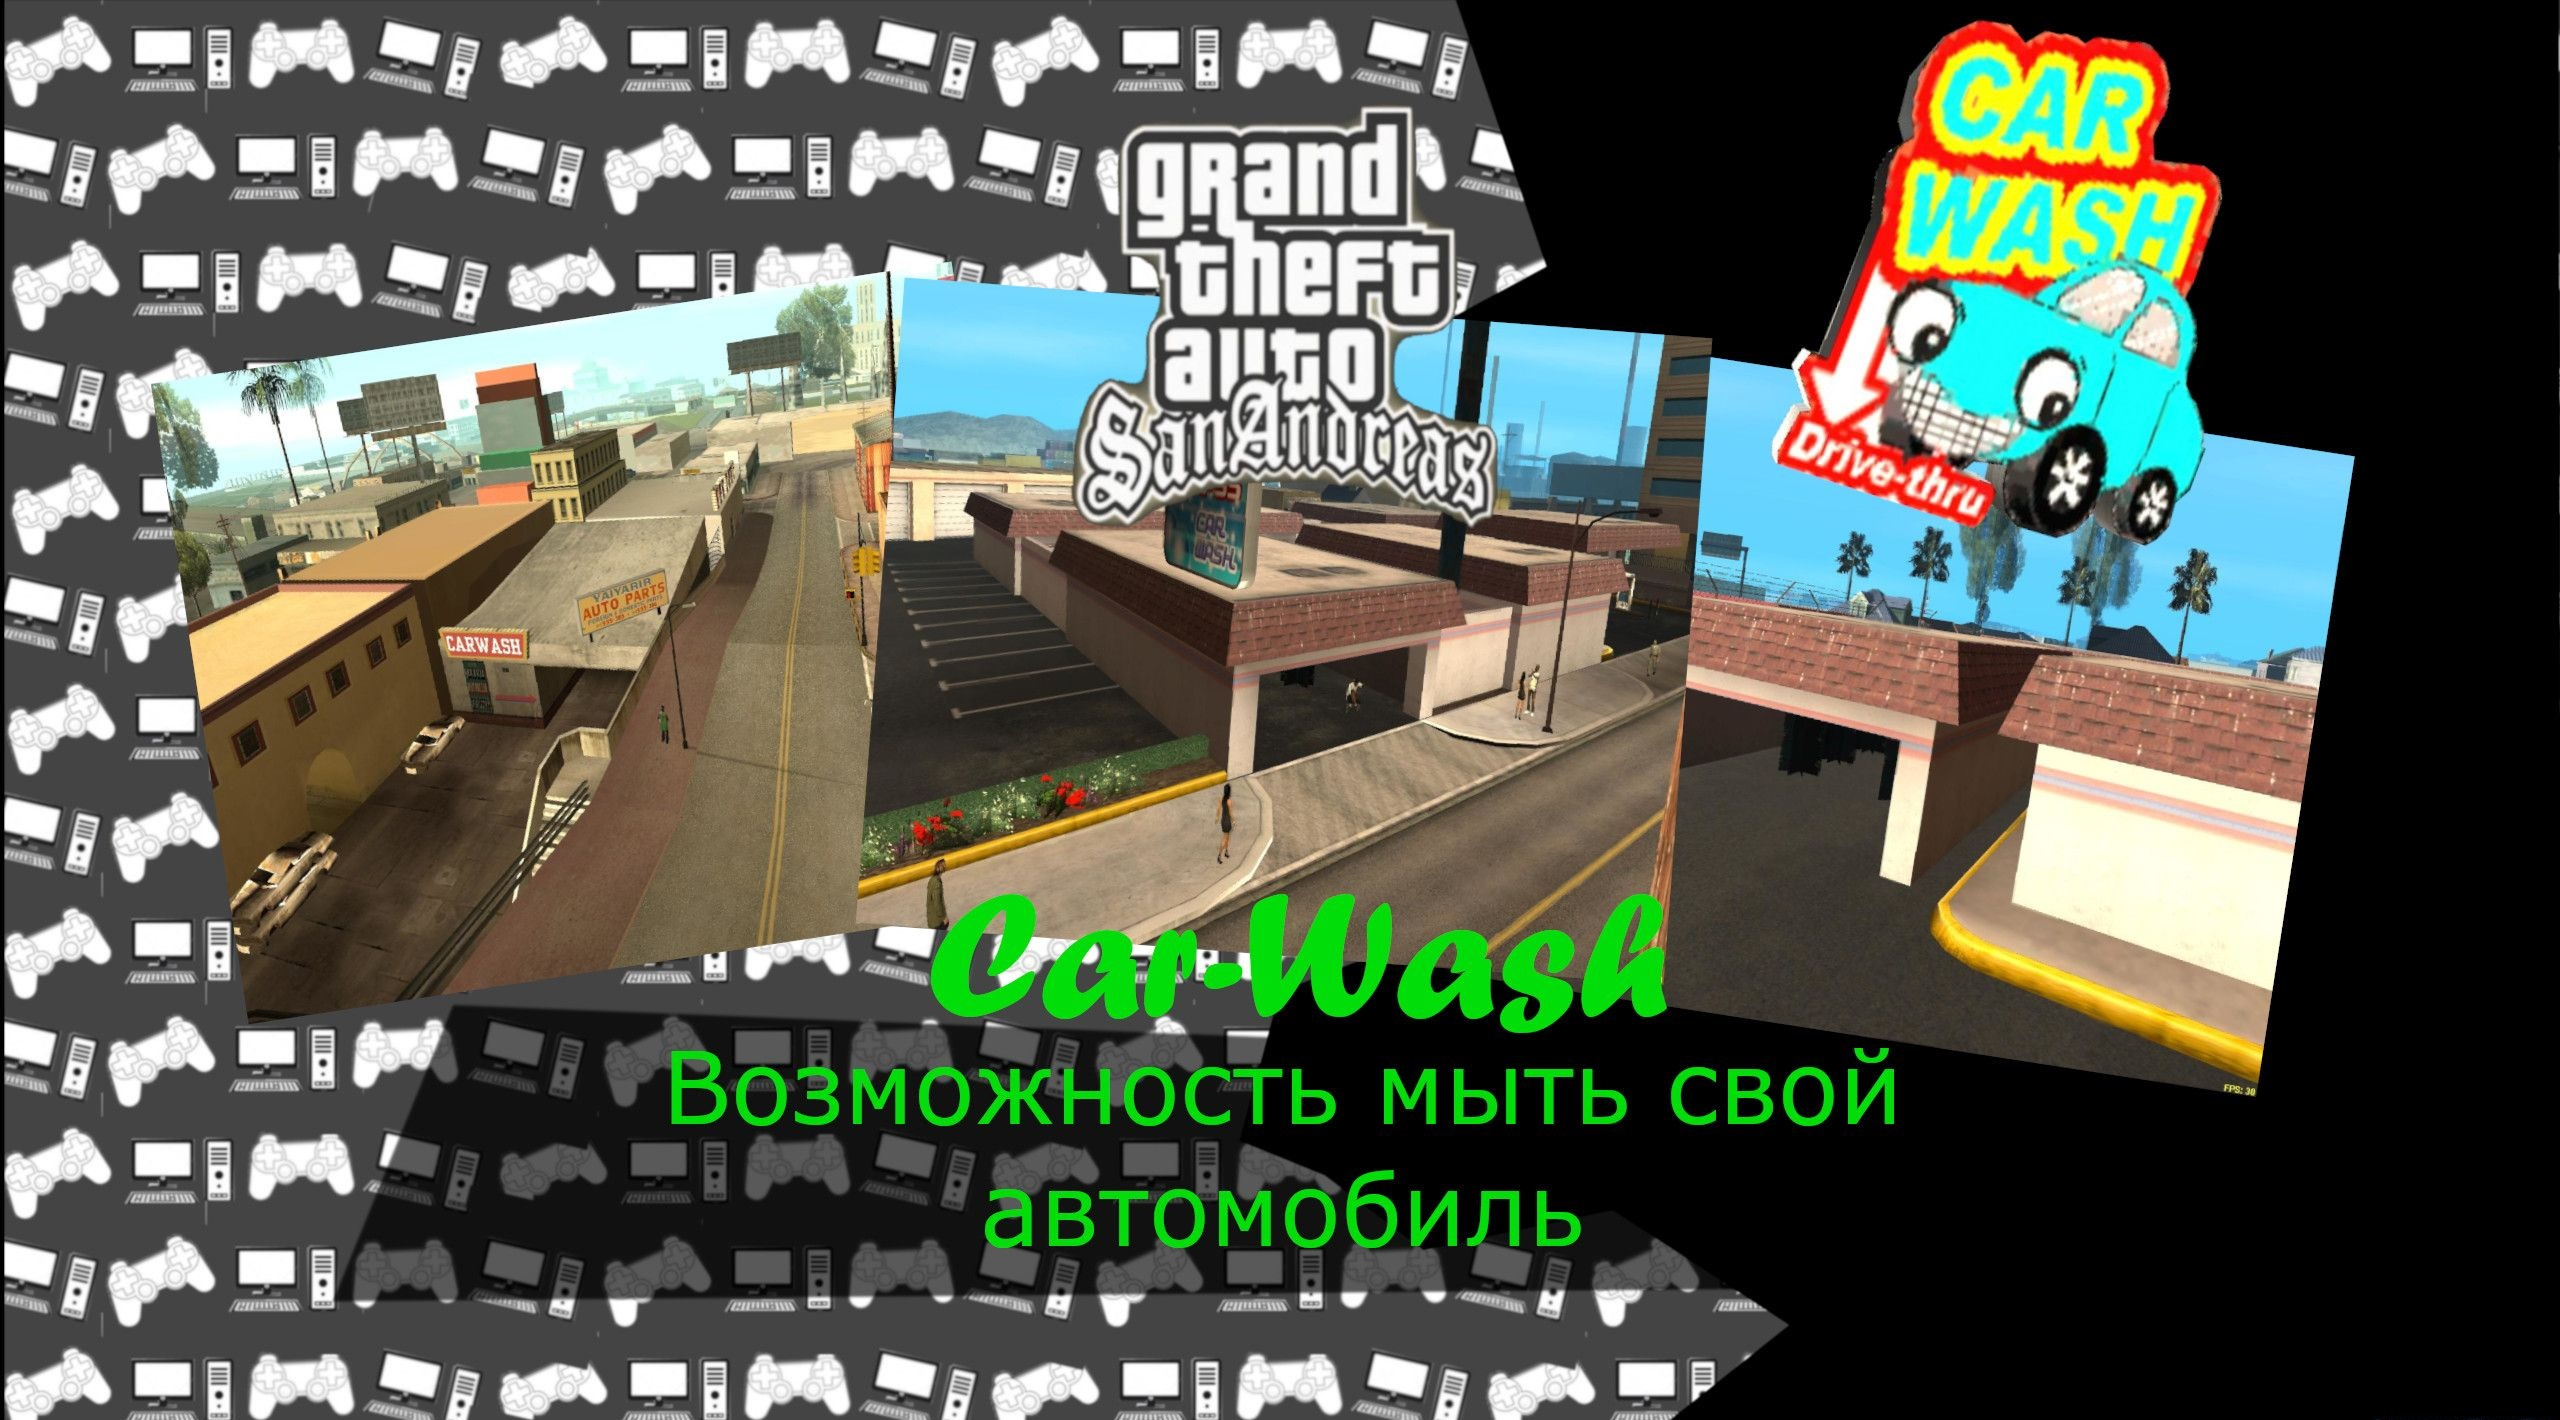 Car-Wash(Возможность помыть свой автомобиль)